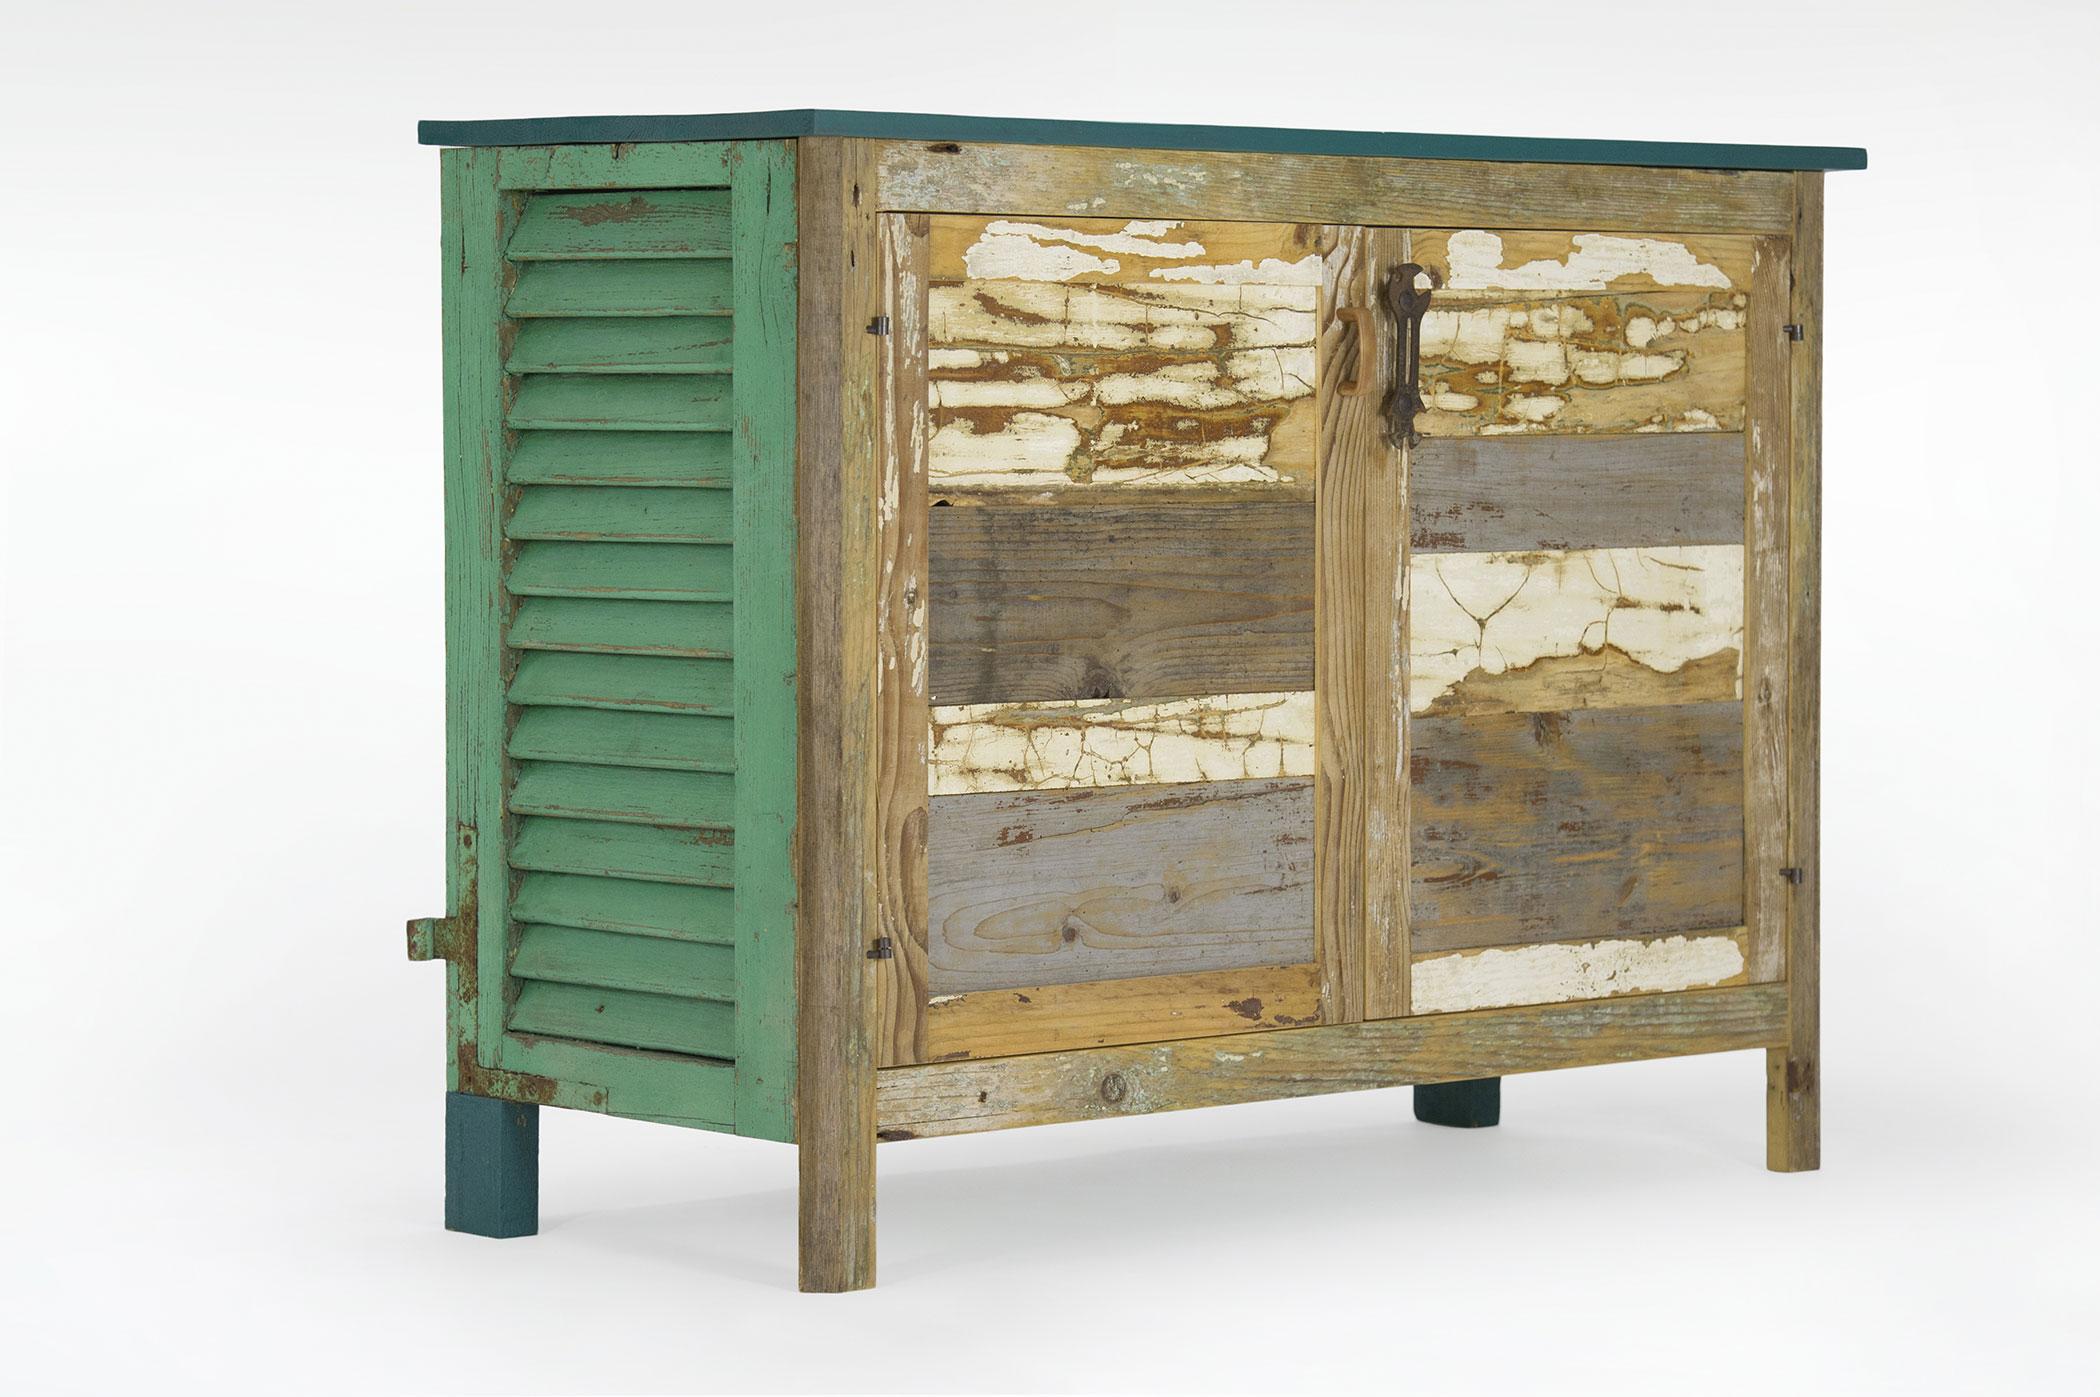 Credenza con struttura mista di legni masselli e legni di recupero. Il lato della credenza è composto da una parte di vecchia persiana verde con cardini a vista